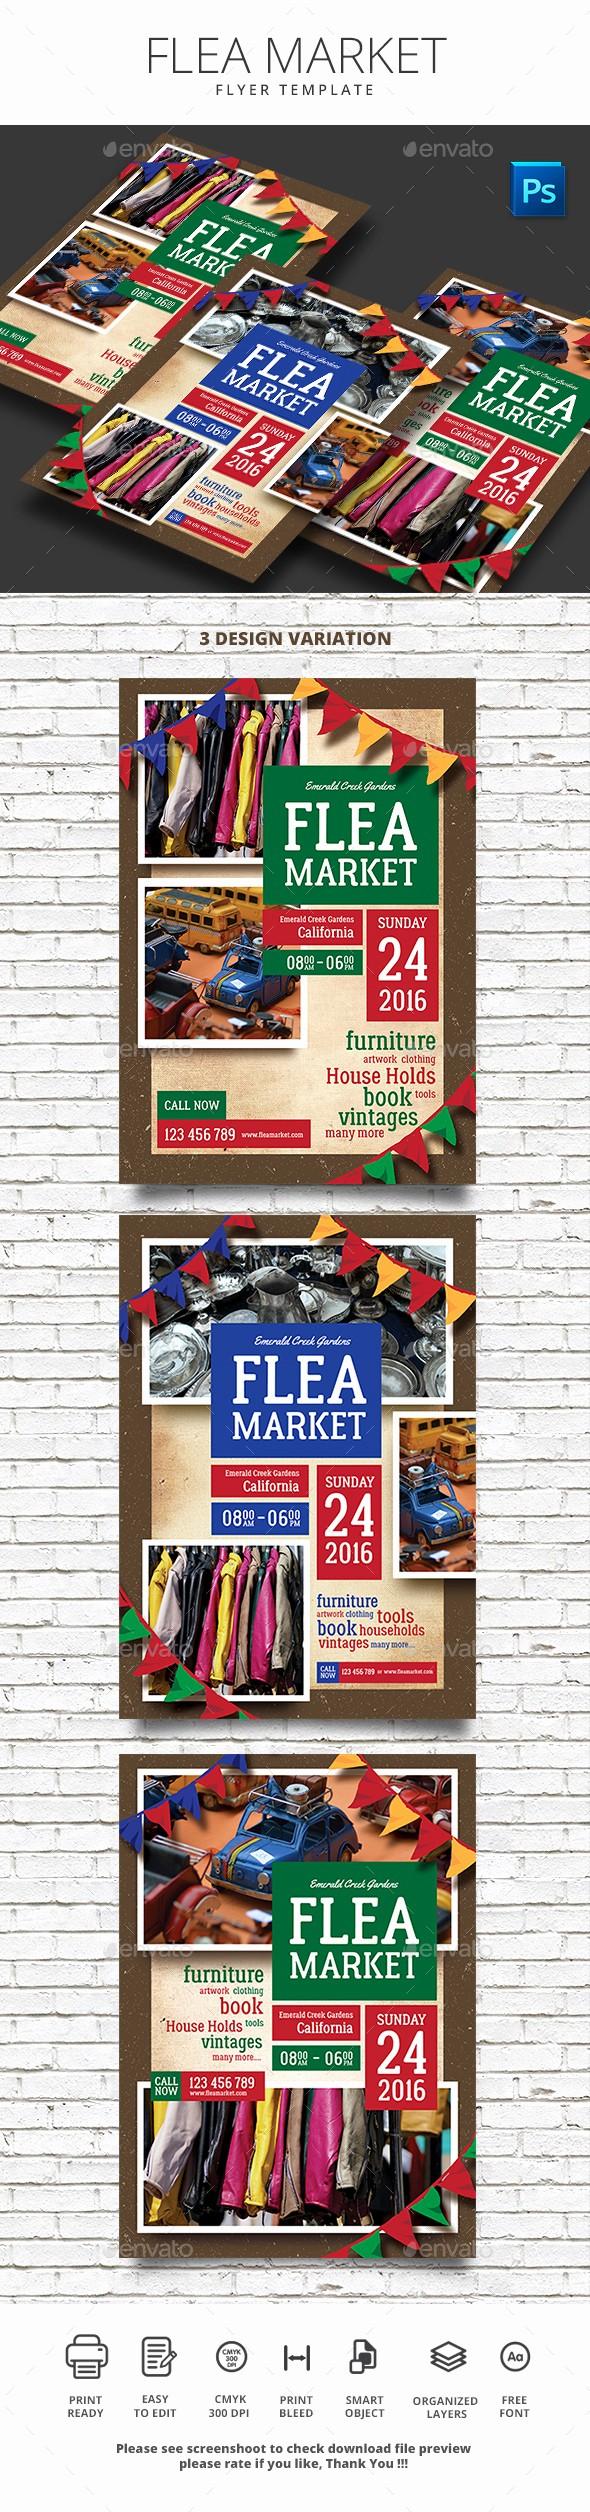 Flea Market Flyer Template Free Luxury Flea Market Flyer by Monggokerso